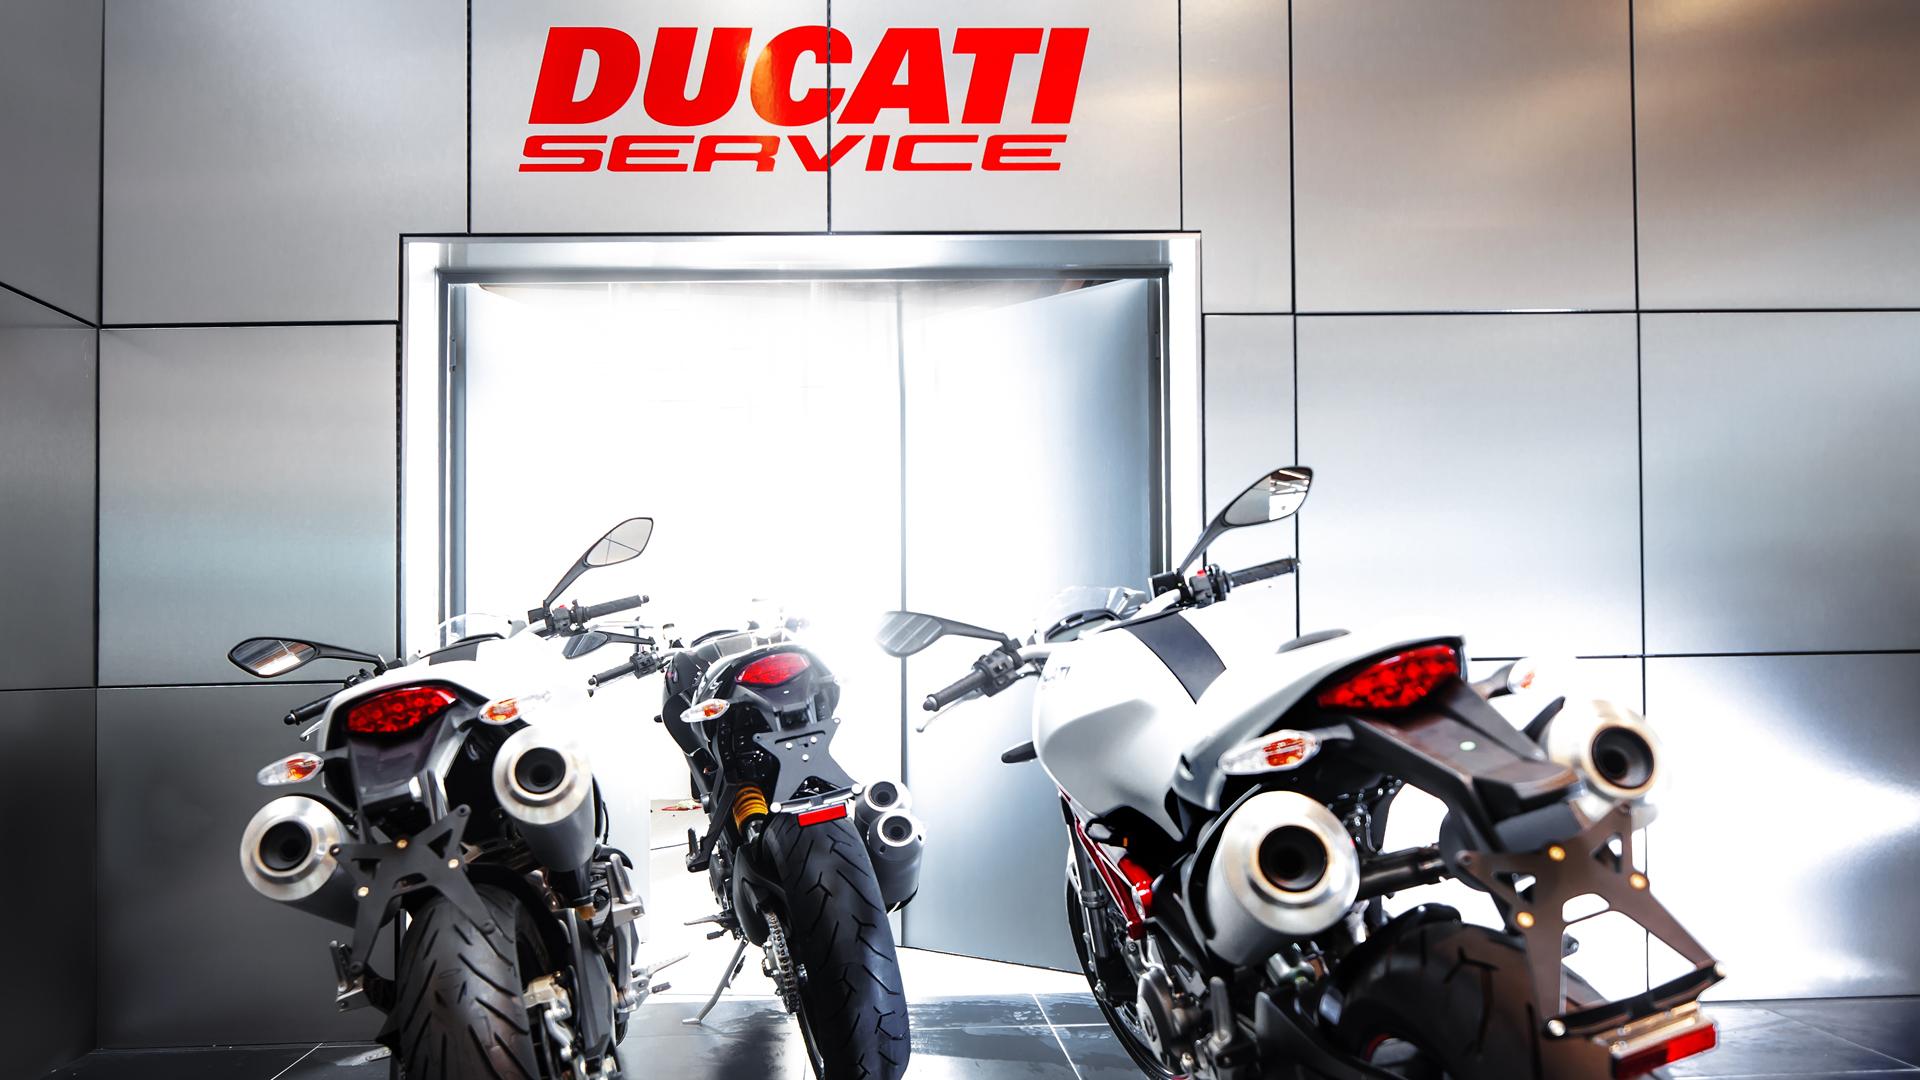 Ducati Berlin mit bestem Service